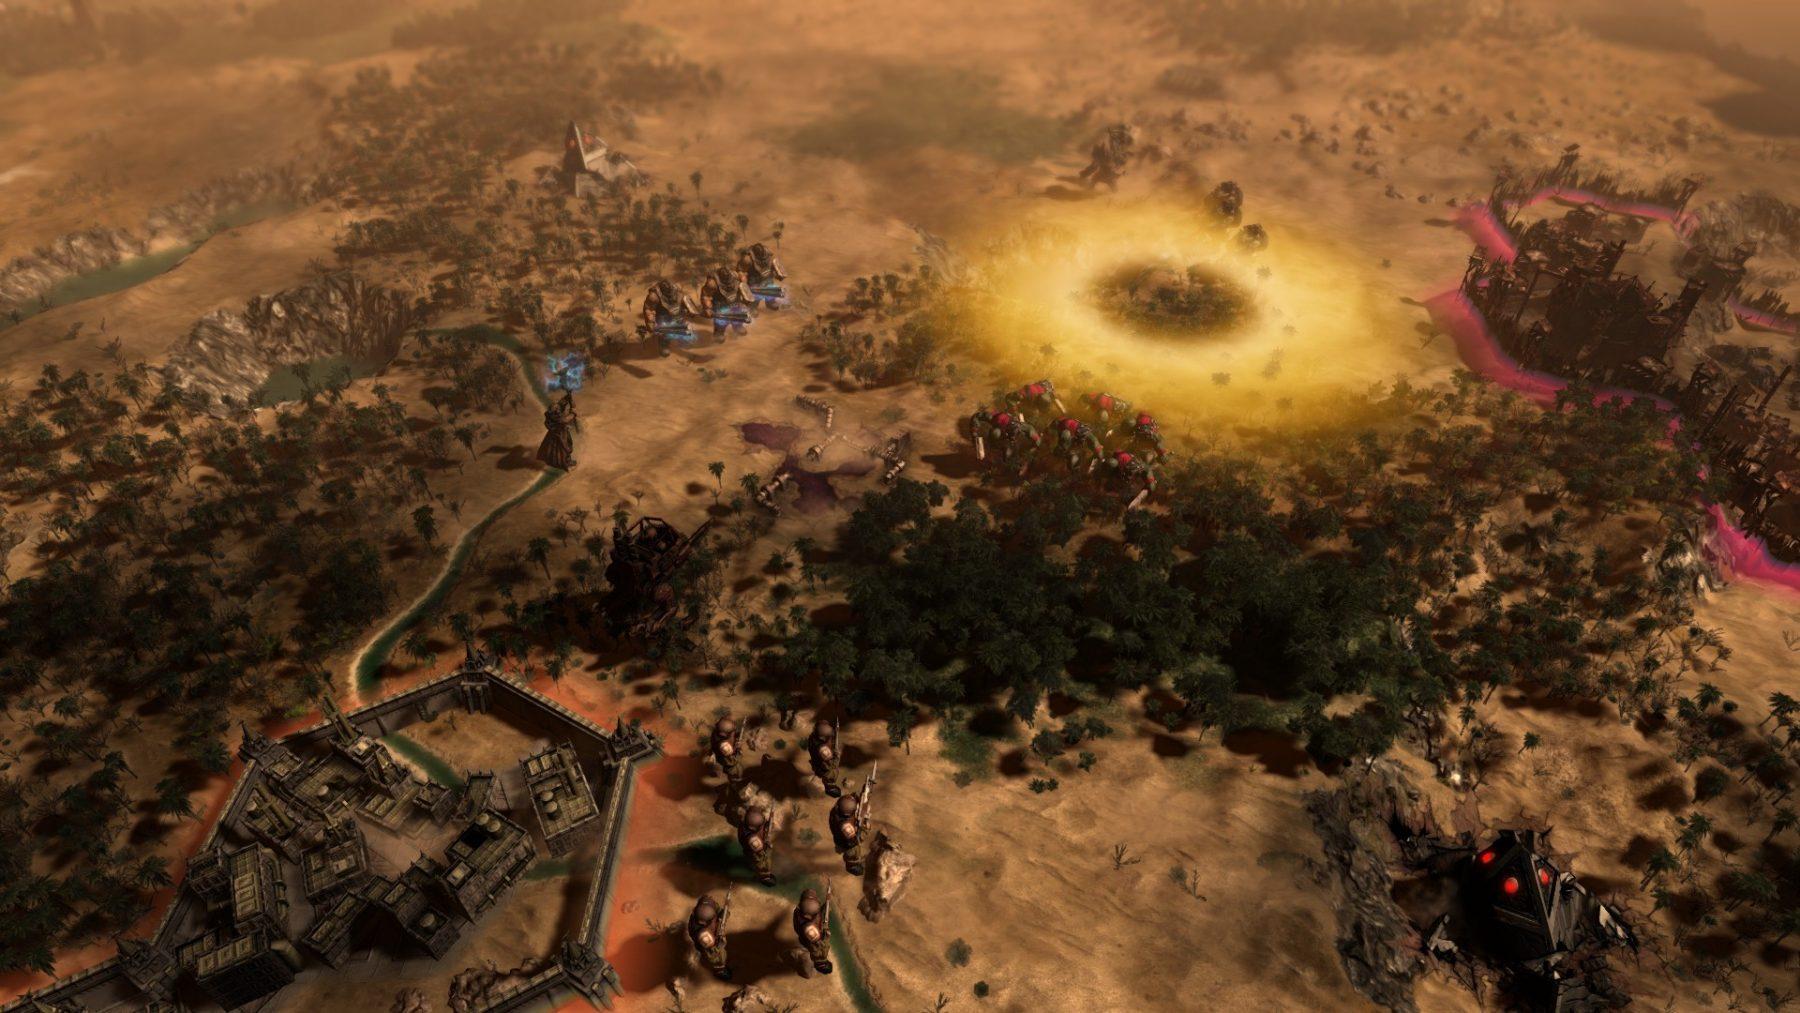 دانلود بازی Warhammer 40000 Gladius Relics of War برای کامپیوتر + ریپک FitGirl